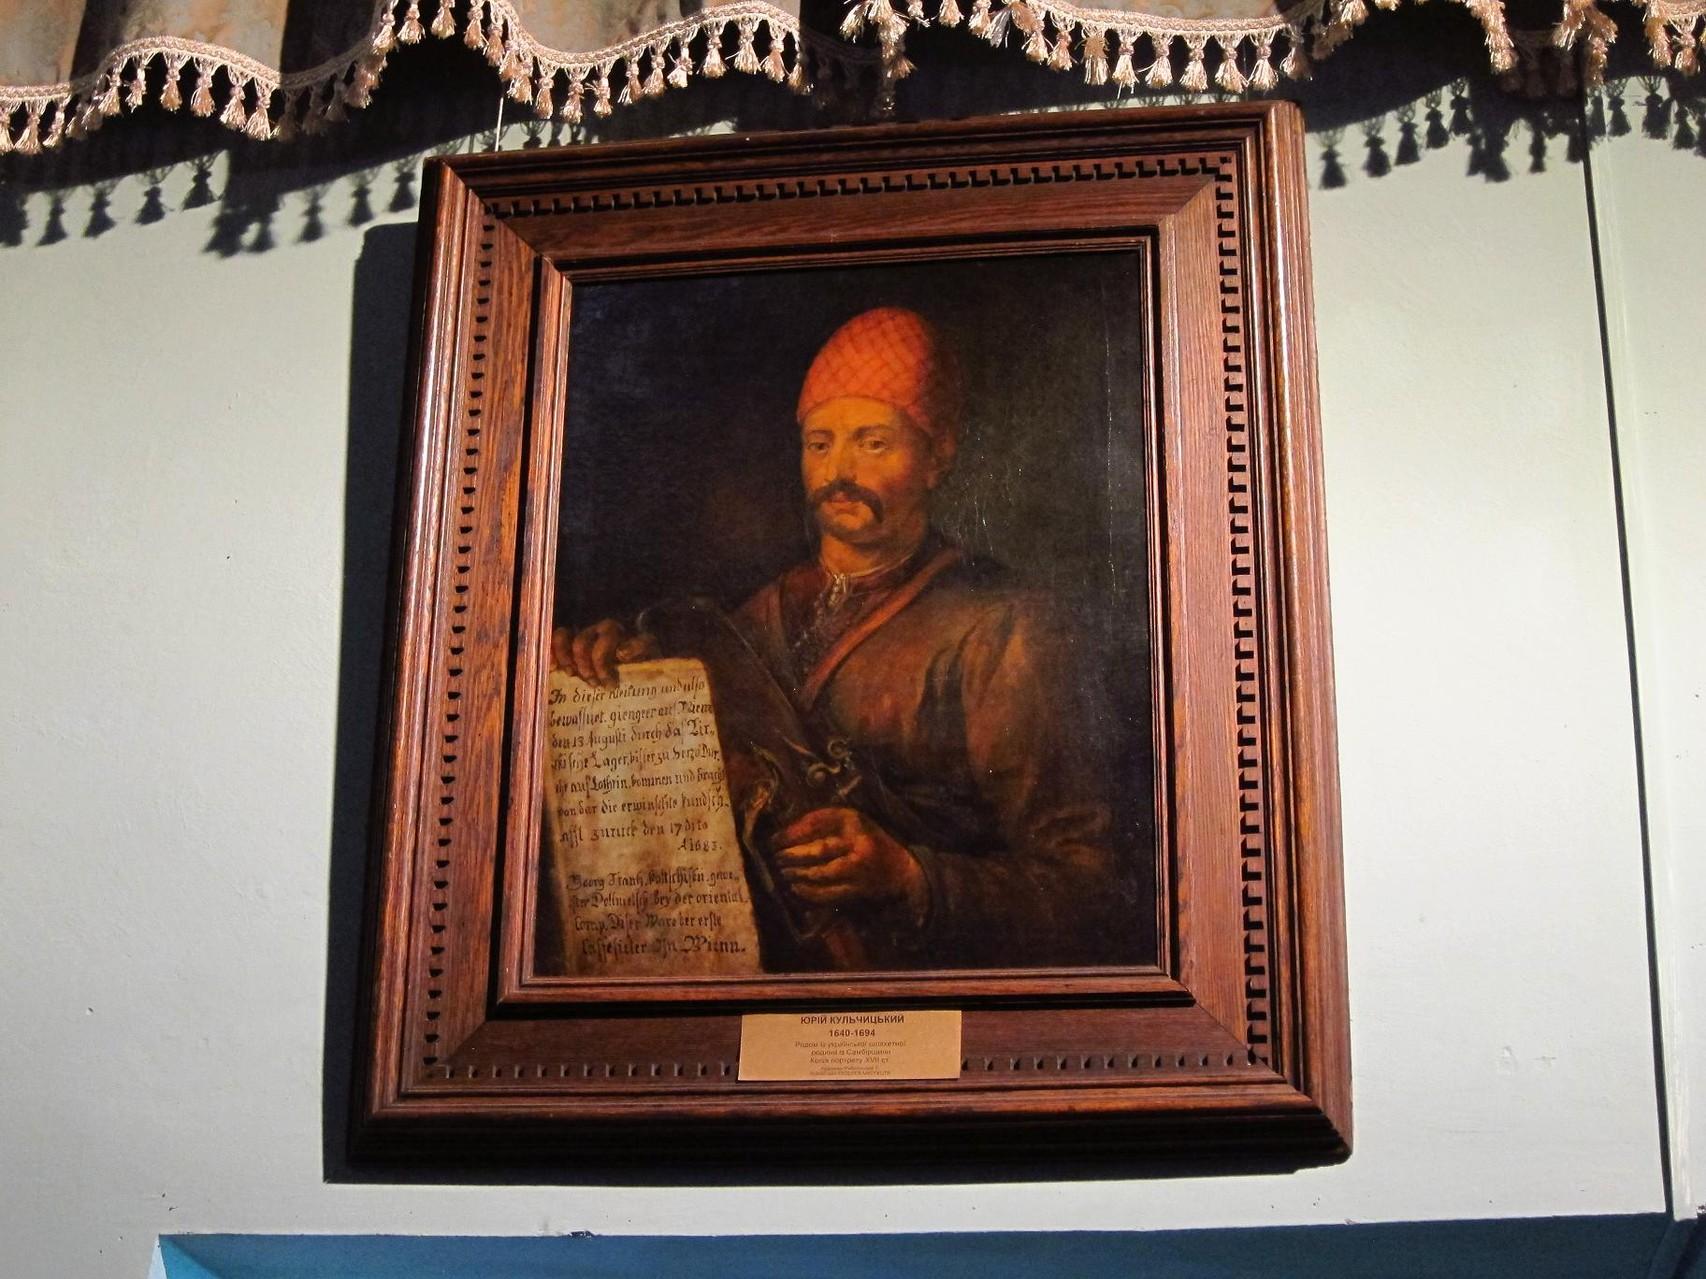 Портрет Юрія Кульчицького. Засновника першої в Європі, у Відні, мережі кав'ярень.